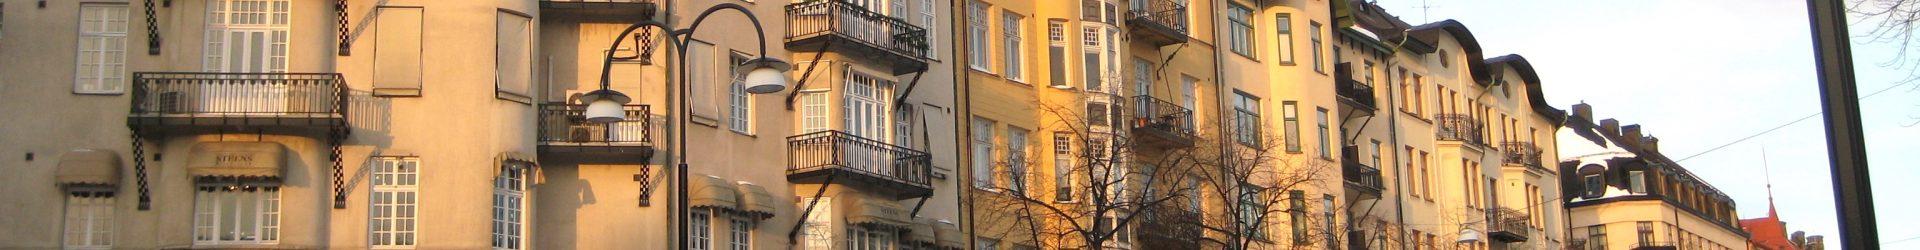 Fasadrenoveringar